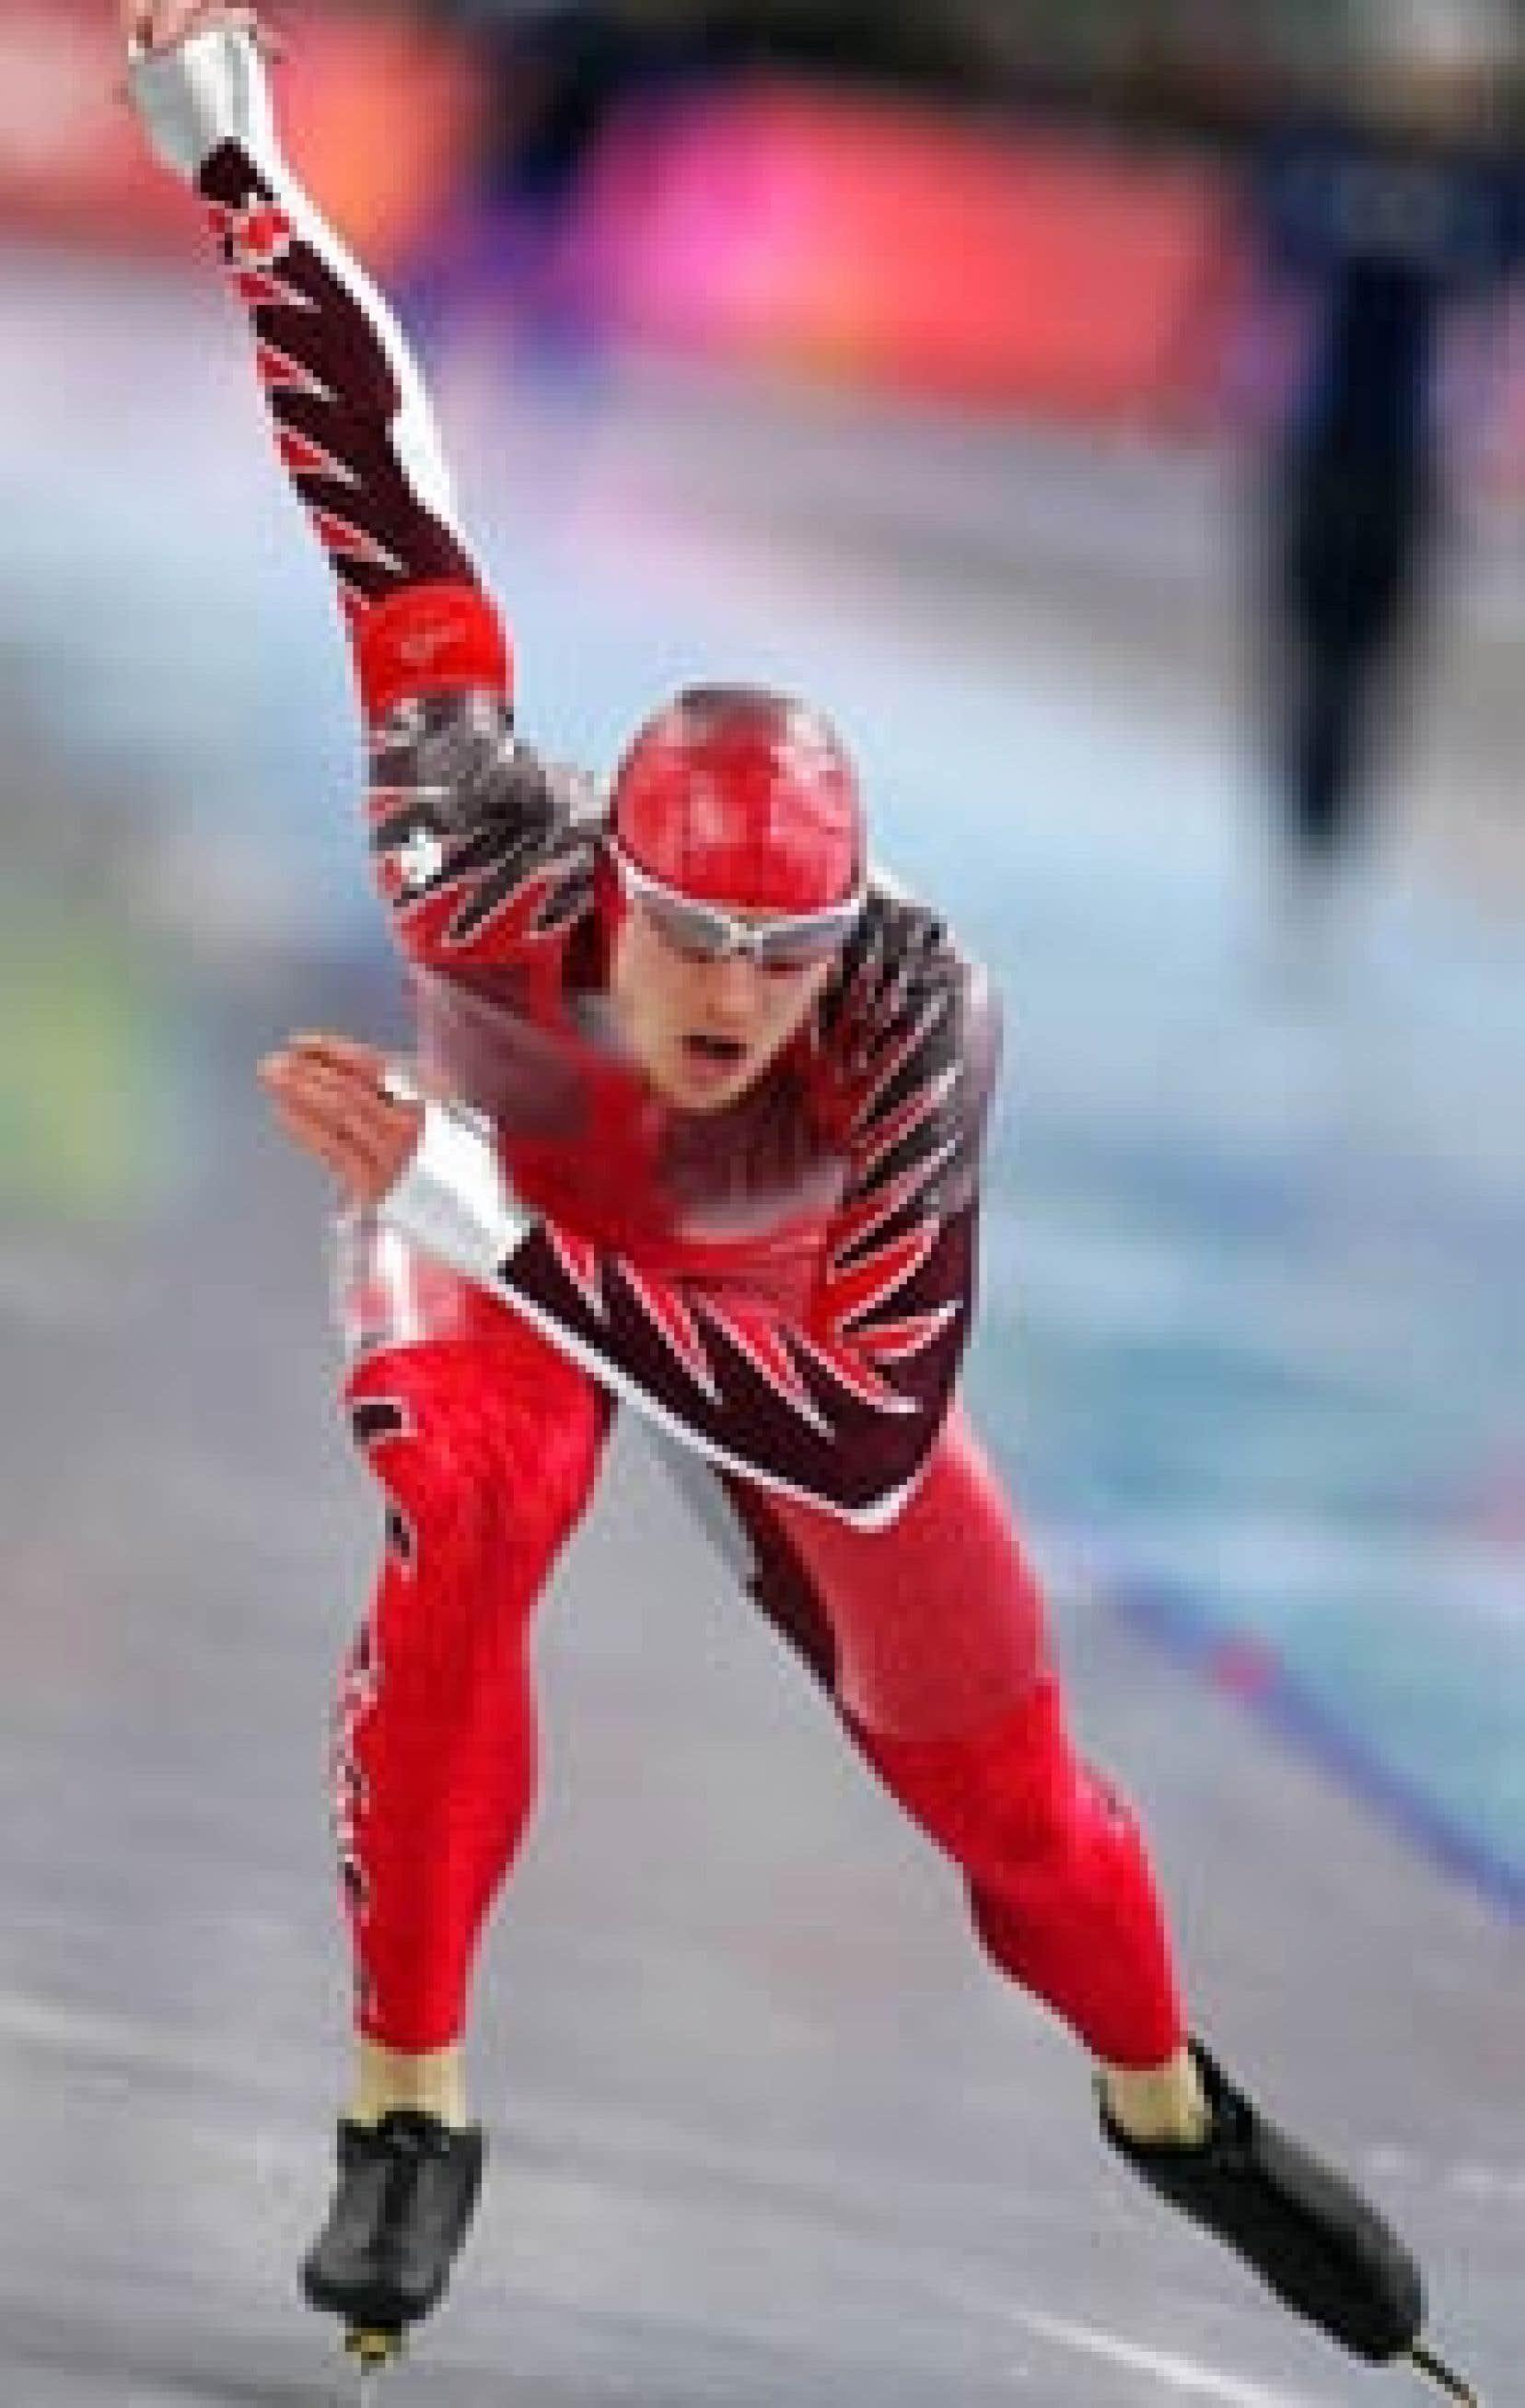 Jeremy Wotherspoon, qui avait chuté à Salt Lake City où il était grand favori, a encore déçu hier au 500 mètres en terminant au neuvième rang.